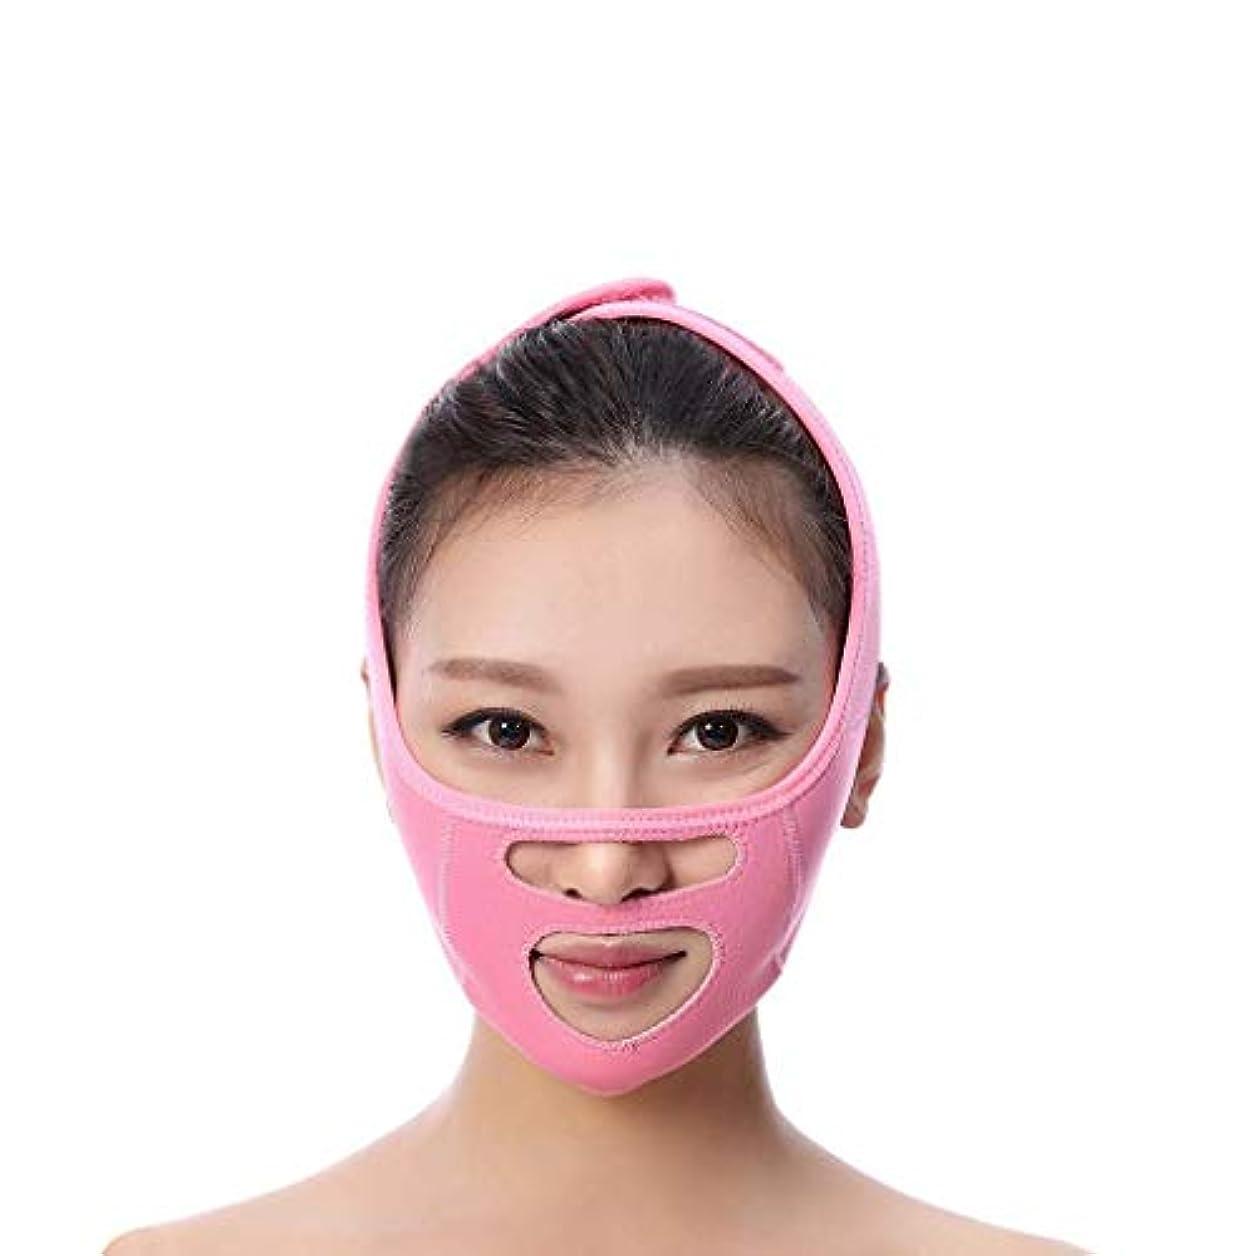 ブース指定する三十フェイスリフトテープ&バンド、フェイススリミングマスク、ダブルチン、ダブルチンリデューサー、シワ防止マスク、リフティングシェイプ(フリーサイズ)(カラー:ピンク),ピンク